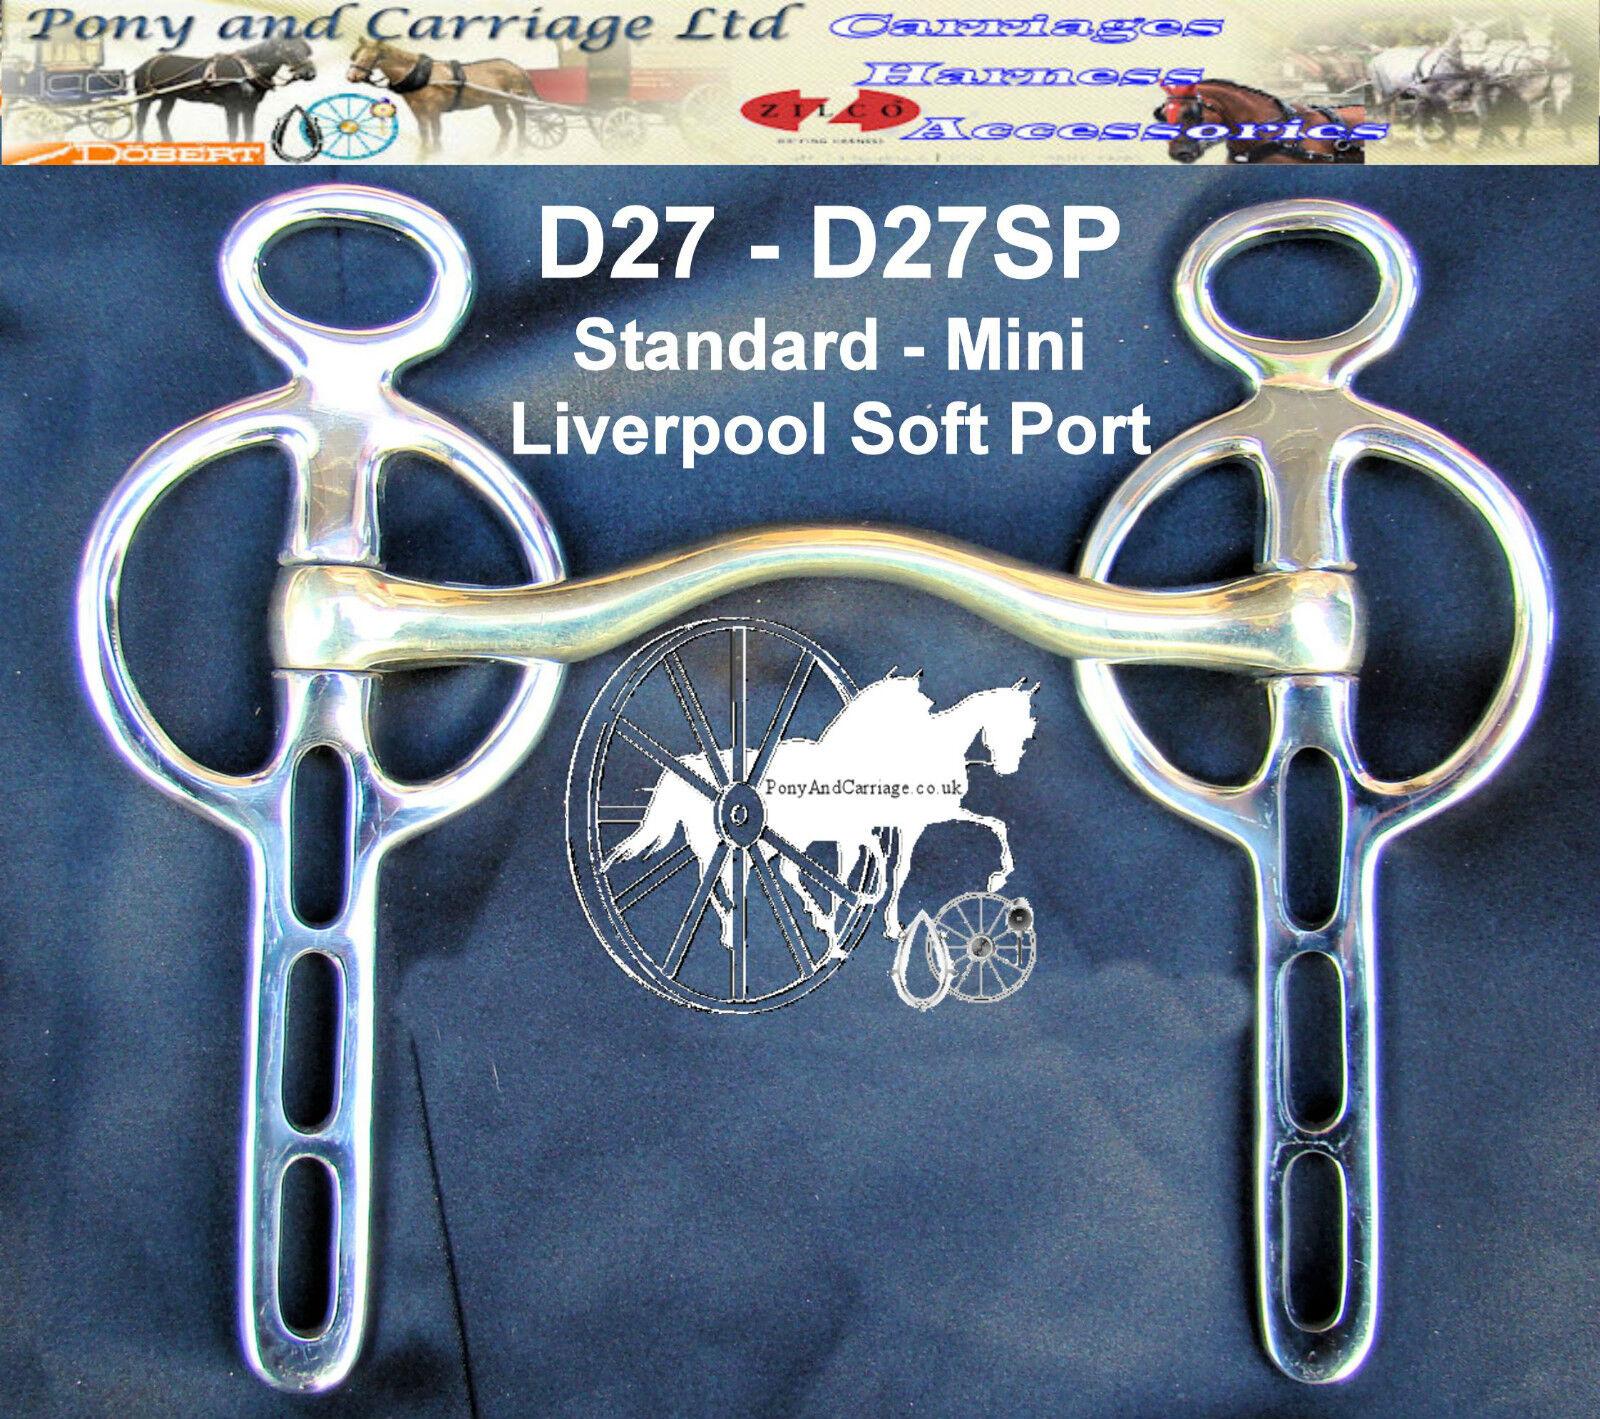 Liverpool Suave Puerto transporte conducción poco Miniatura-Caballo Grande Tamaños  Estilo D27  toma